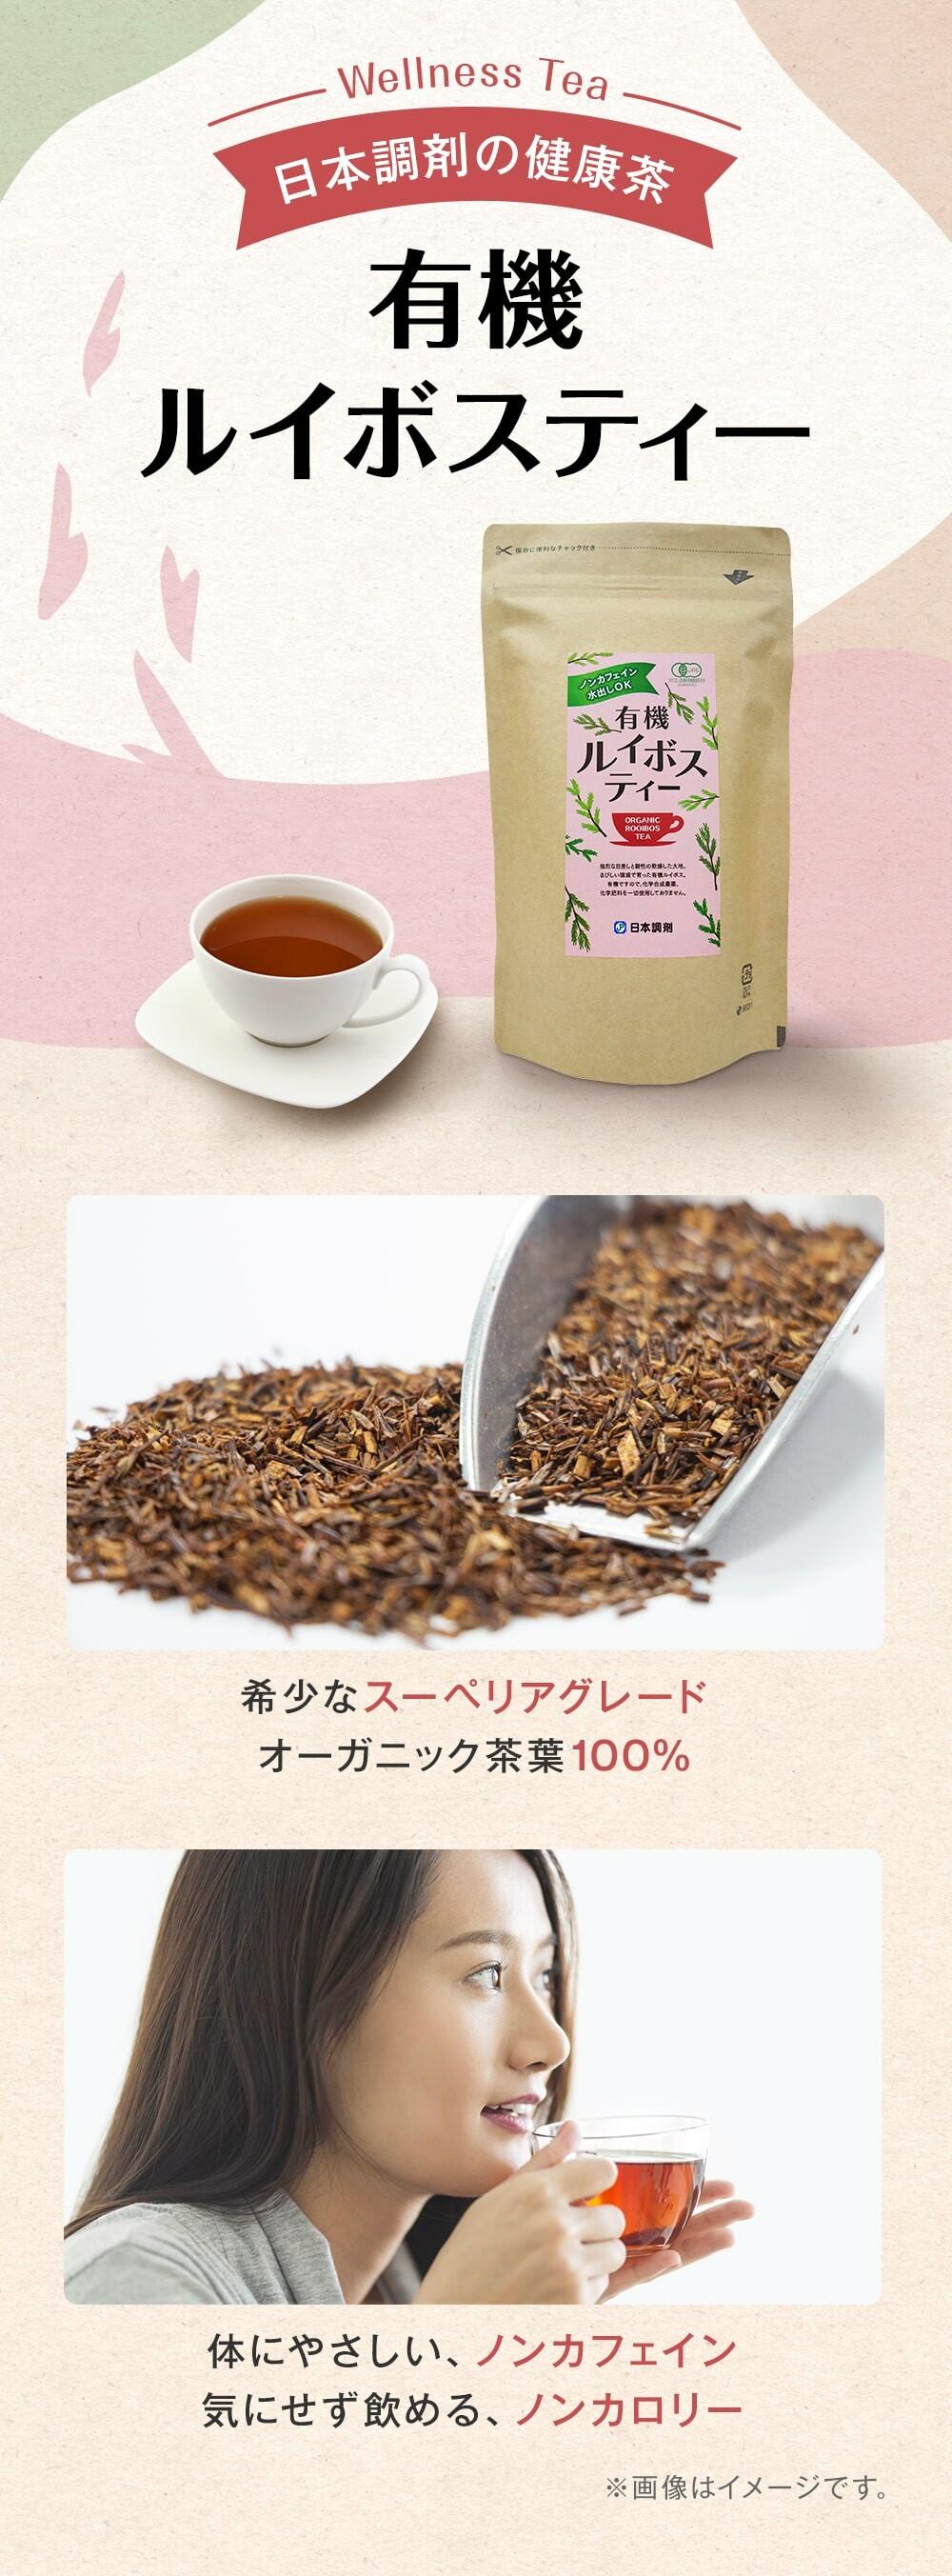 有機(オーガニック)ルイボスティー|日本調剤オンラインストア